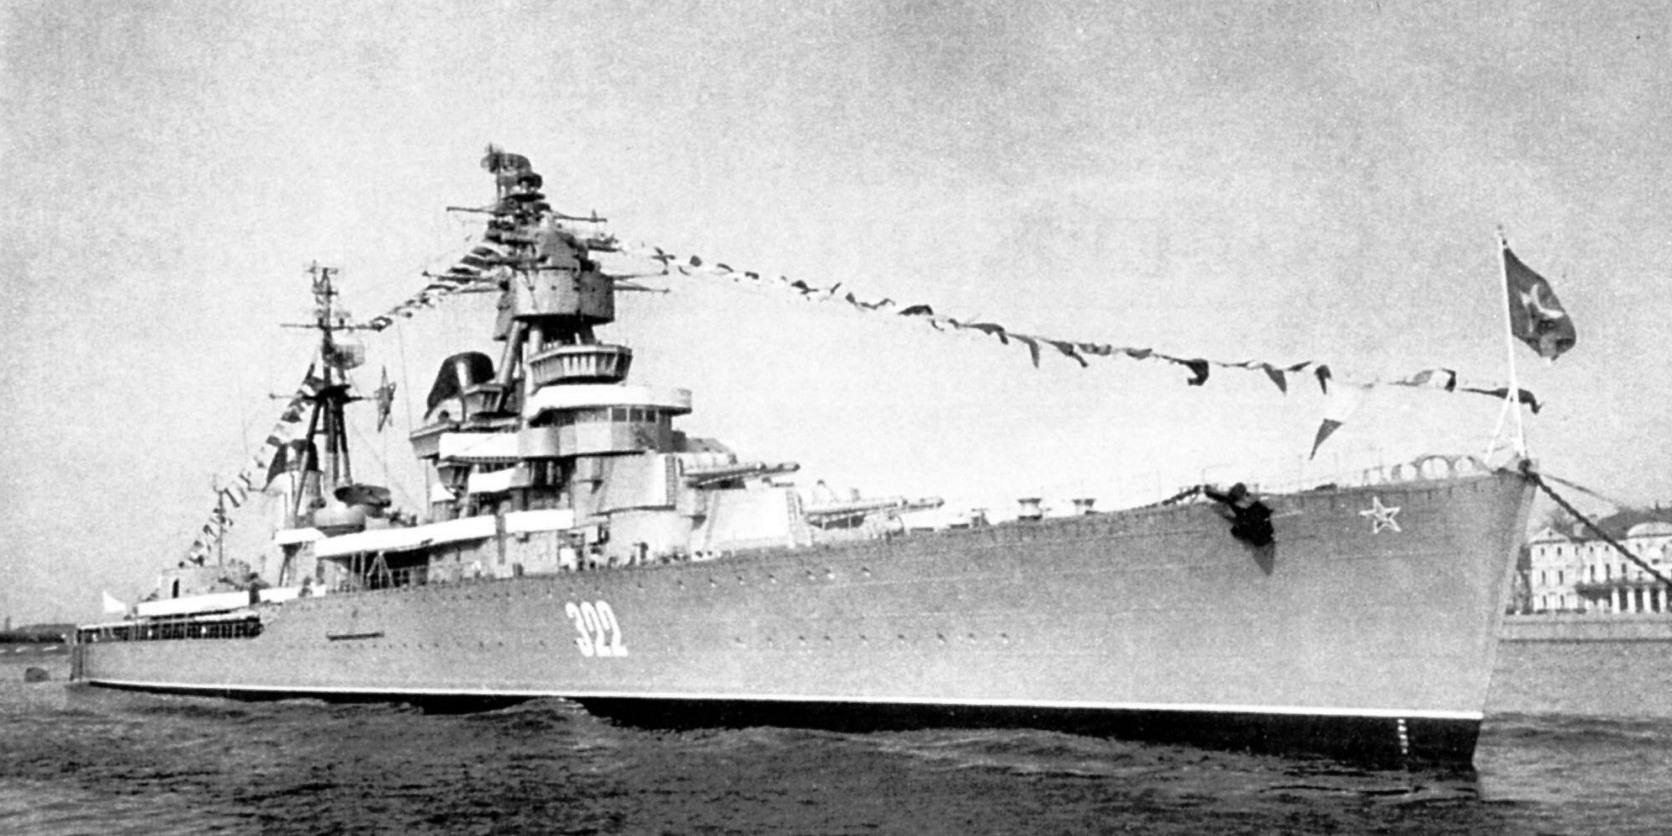 теперь рассмотрим крейсер киров 20 век X-Bionic